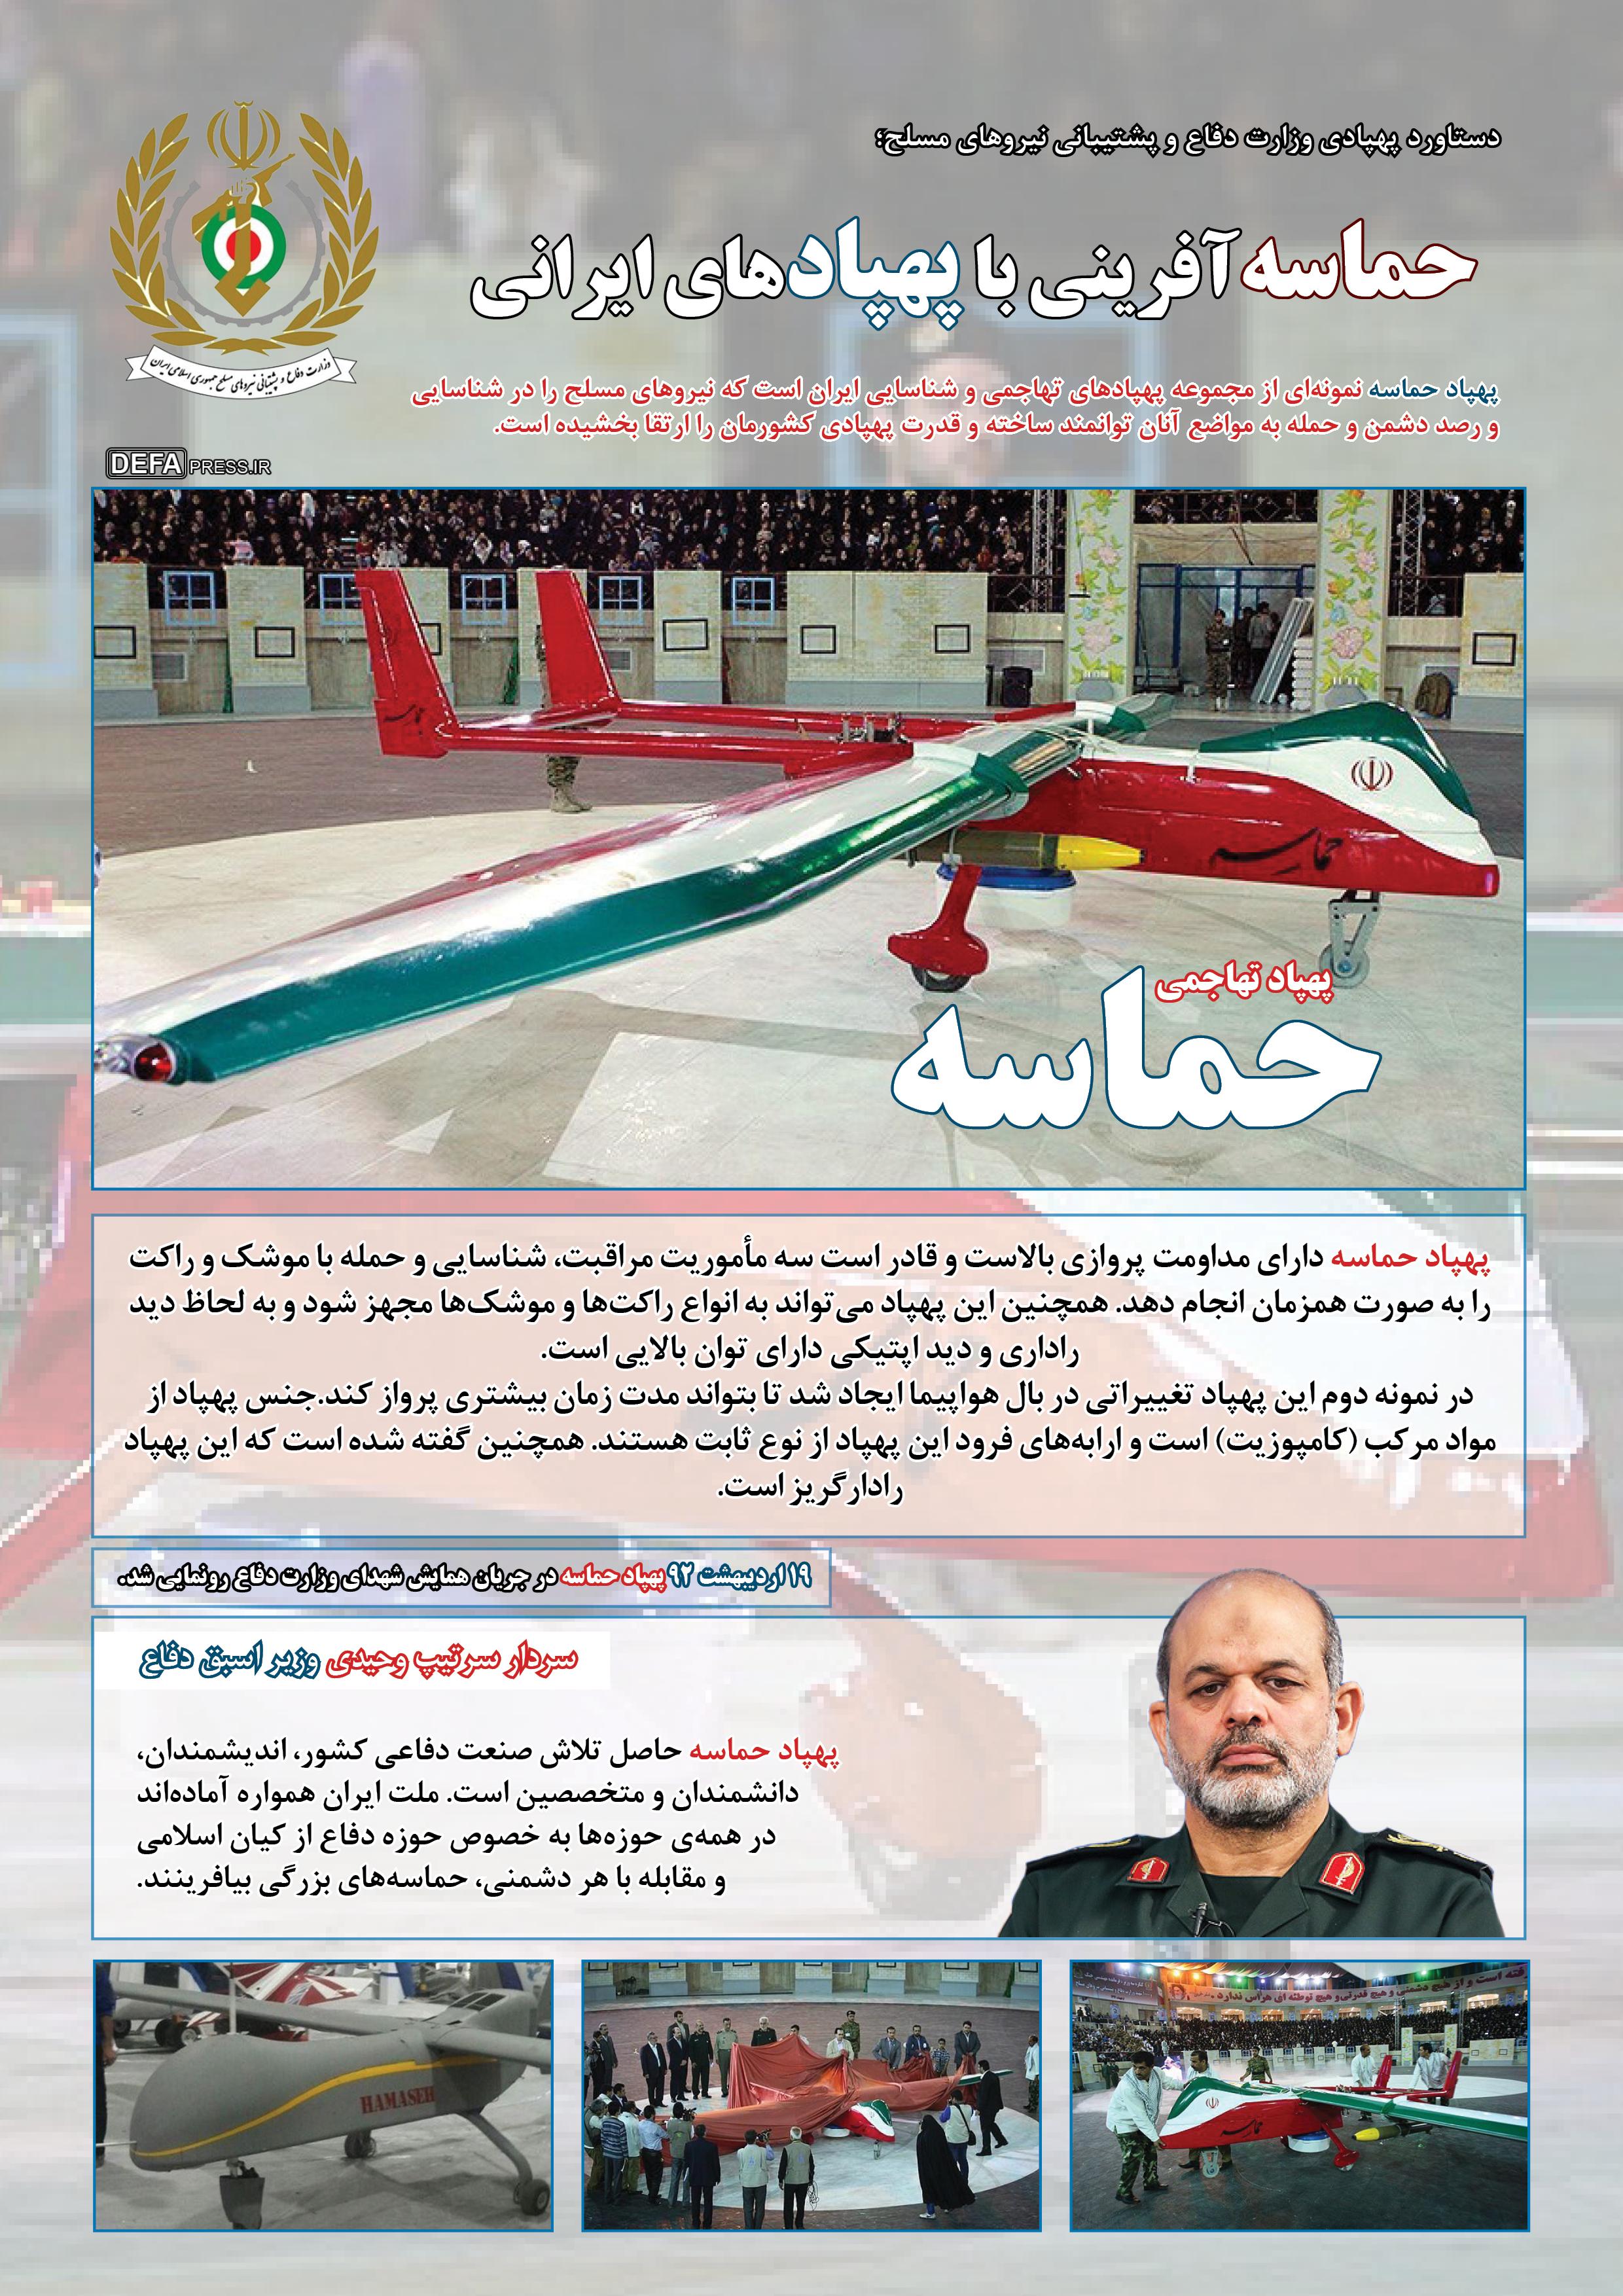 «حماسه»آفرینی با پهپادهای ایرانی